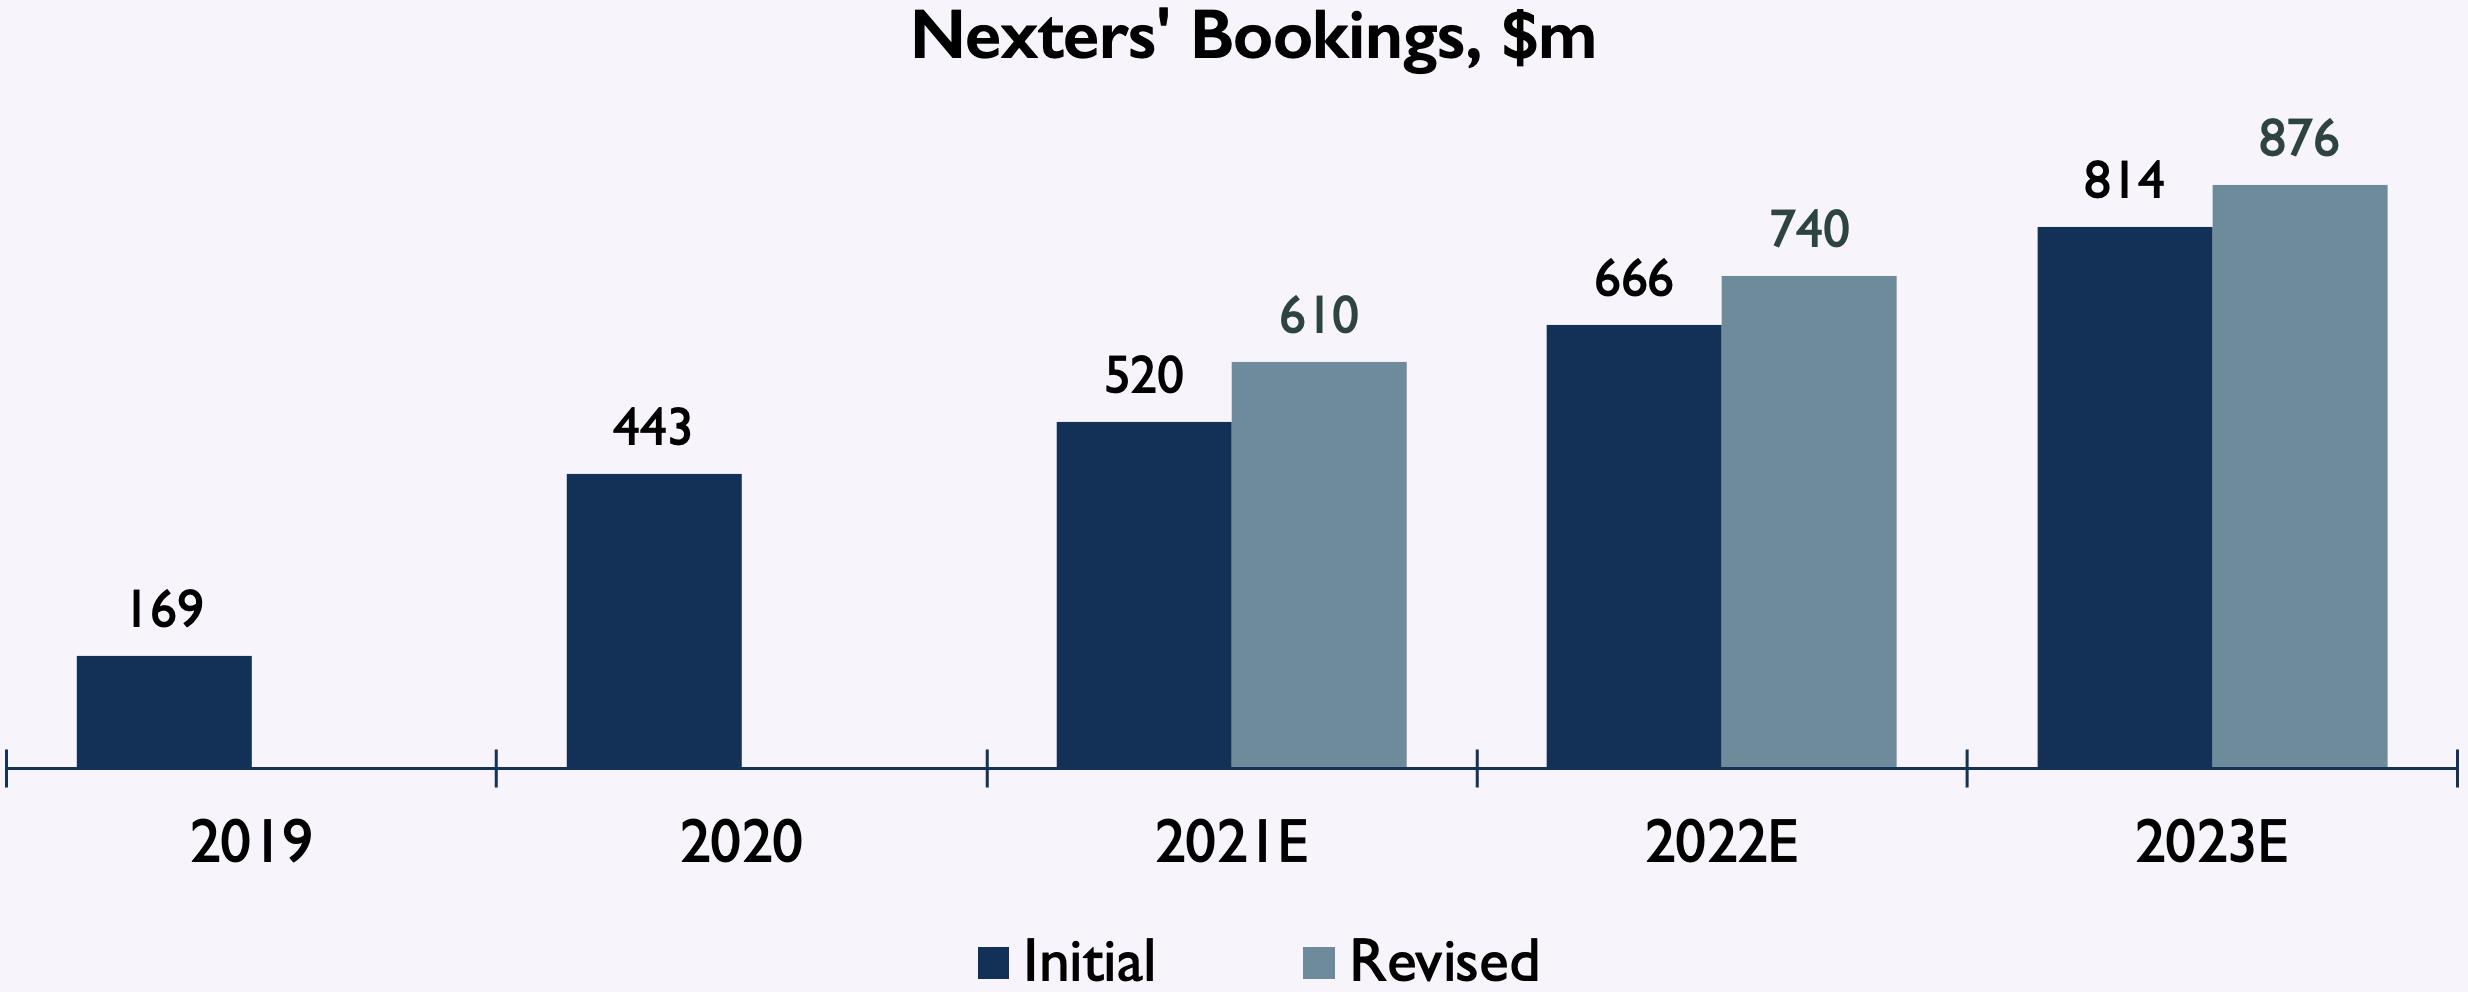 Nexters bookings